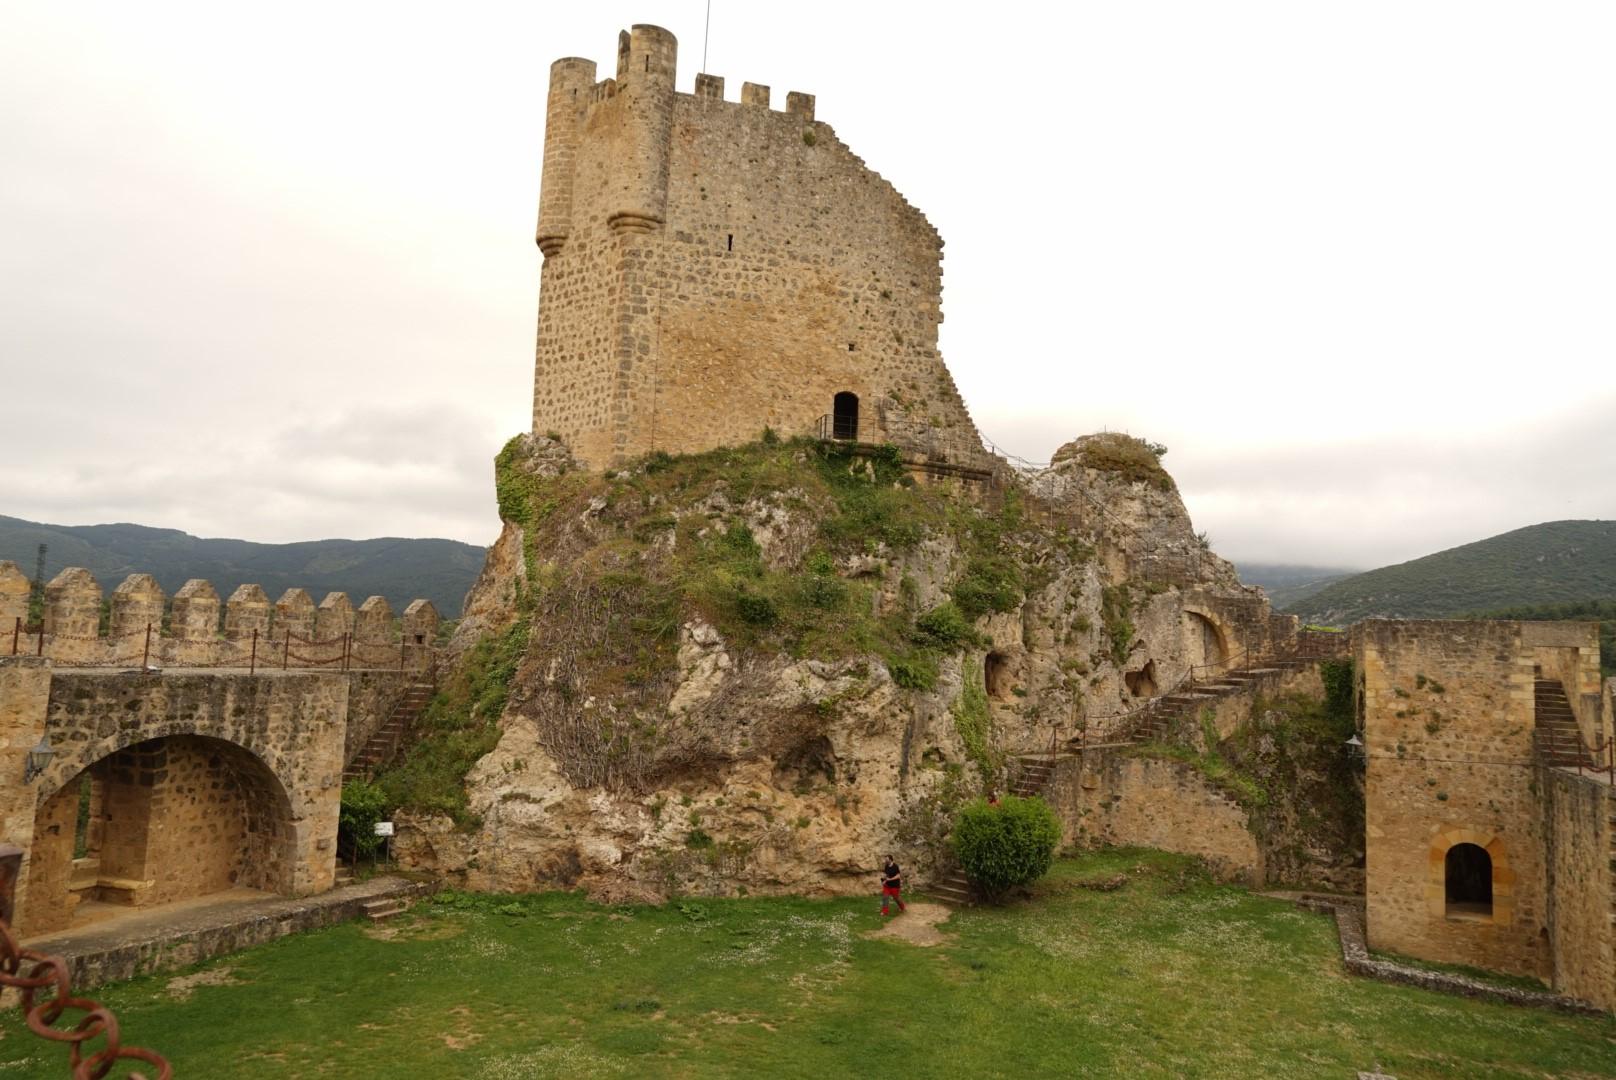 Vista de la torre del Castillo de Frías desde el interior de su patio de armas.